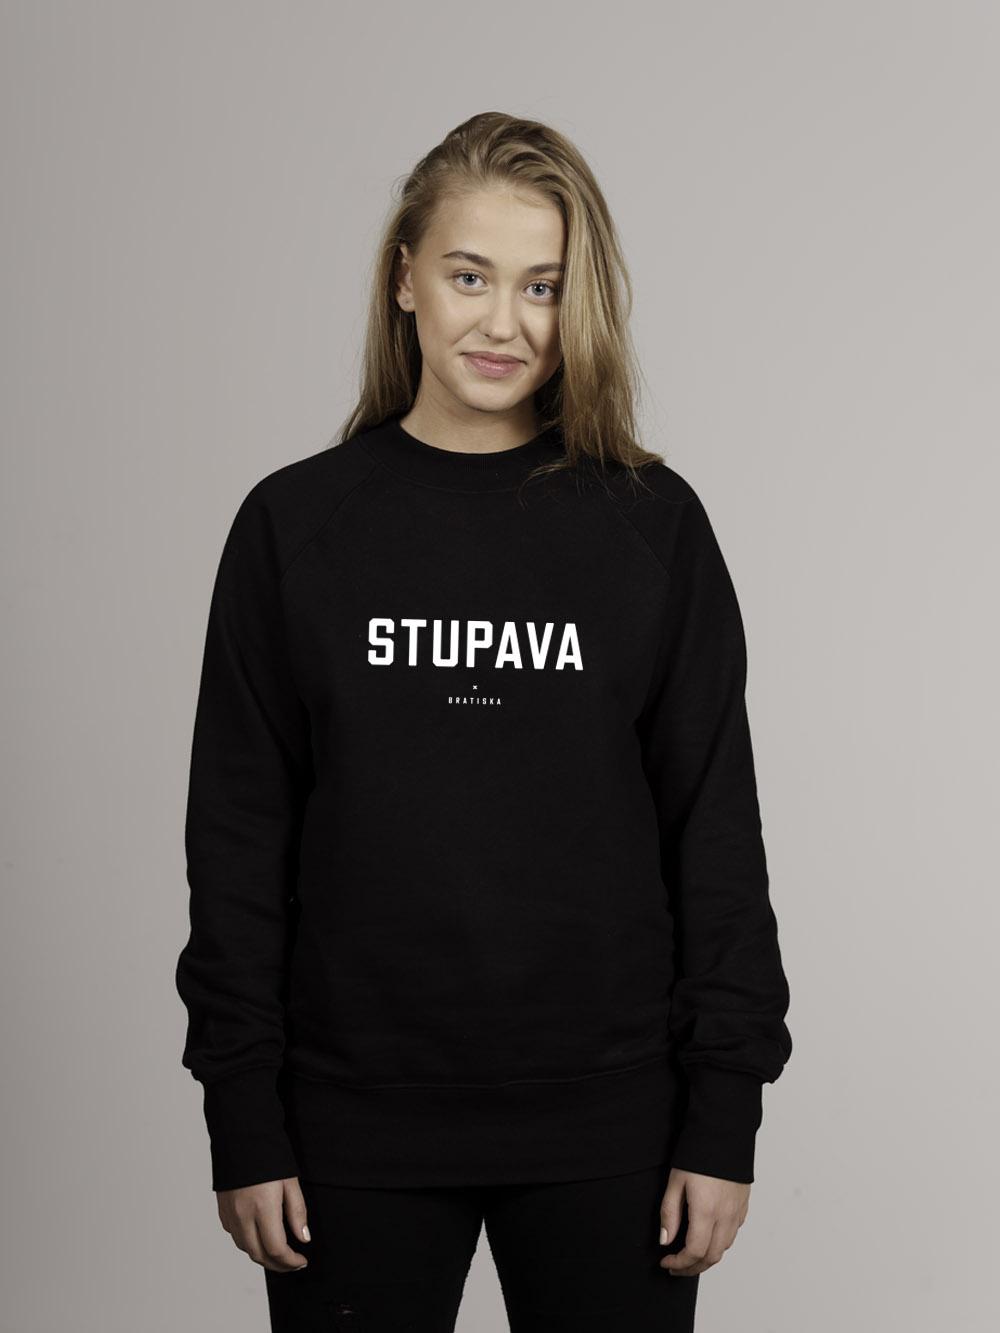 Stupava